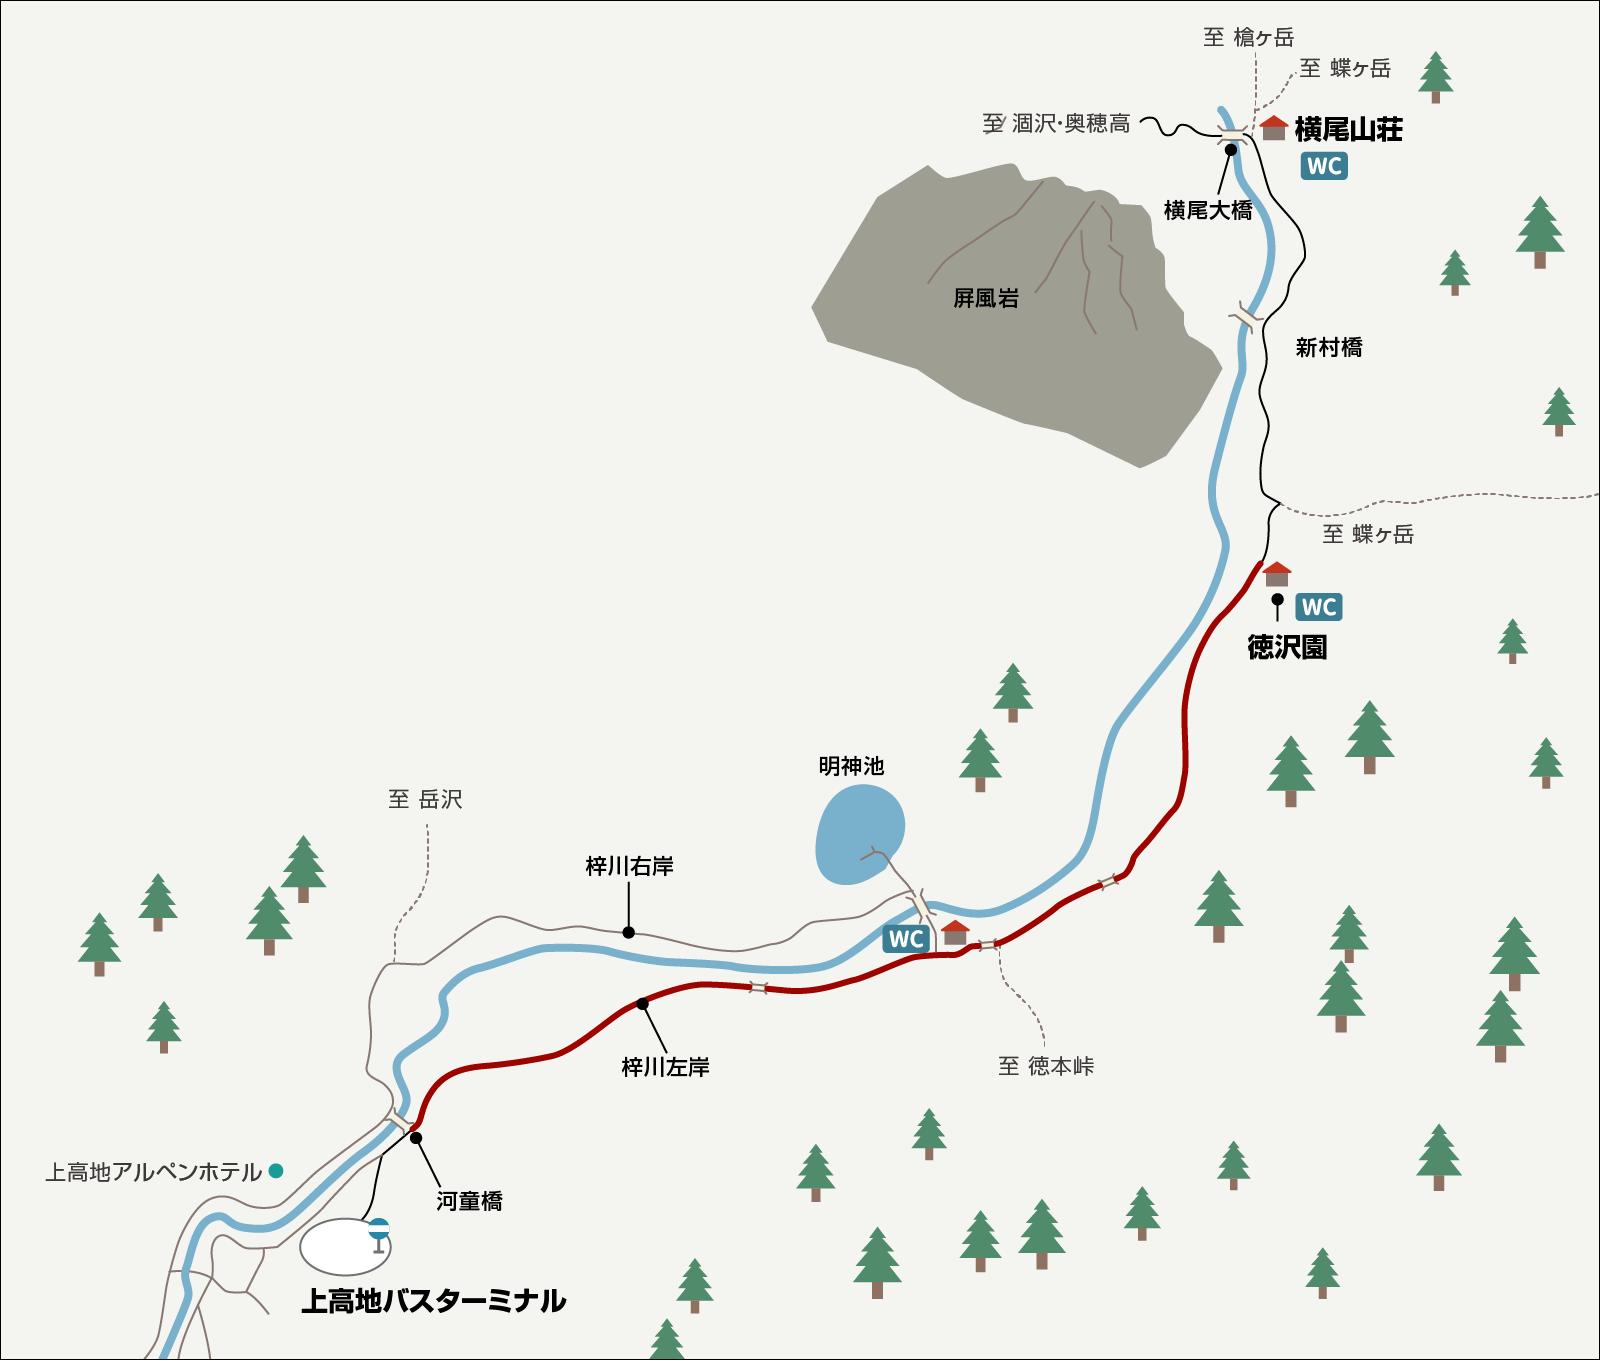 涸沢で単独テント泊&パノラマルート下山(2)横尾大橋 イラストマップ1